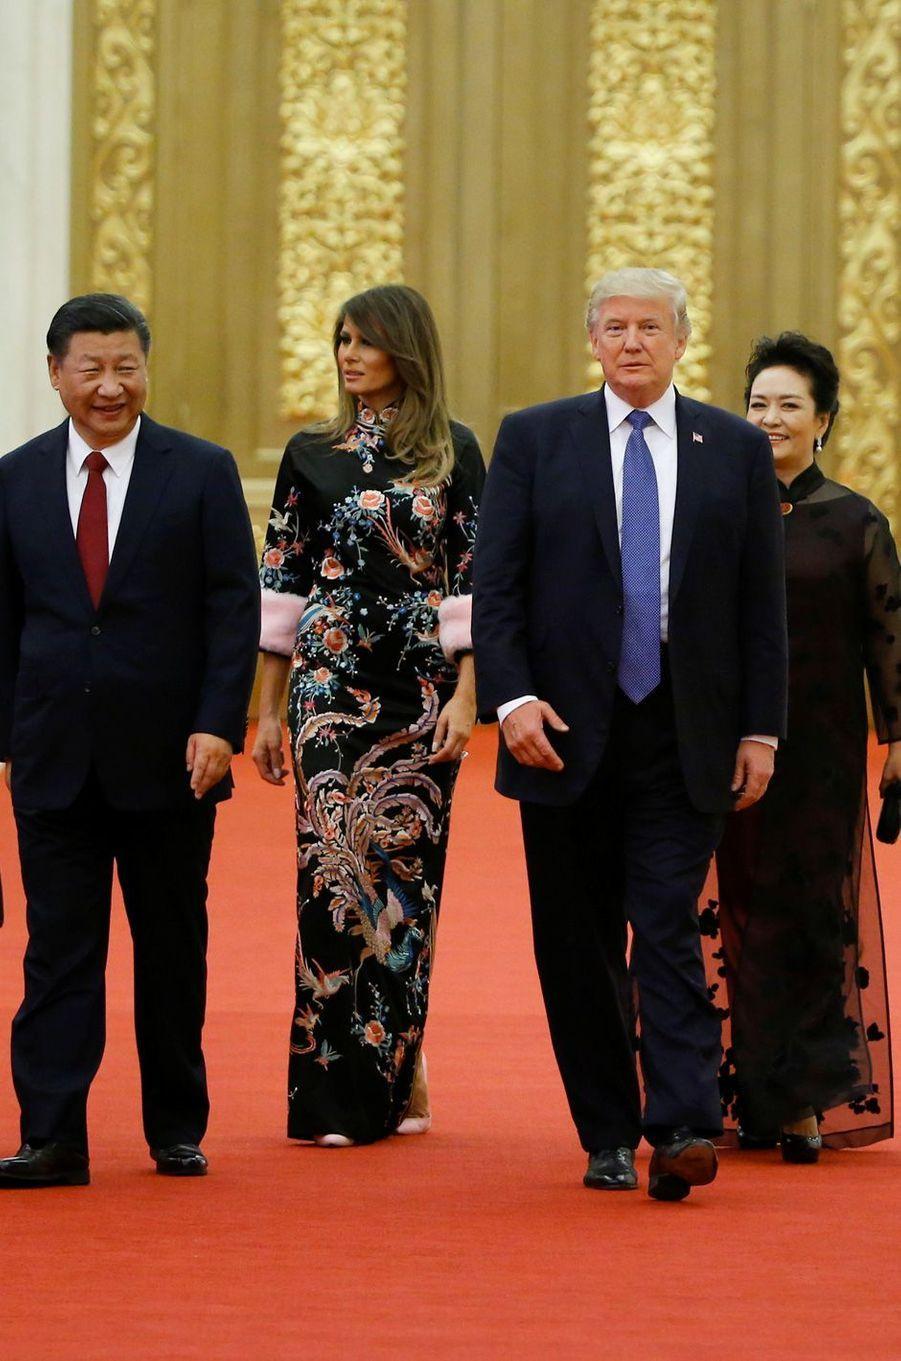 Melania et Donald Trump ont assisté à un dîner d'Etat à Pékin, le 9 novembre 2017.